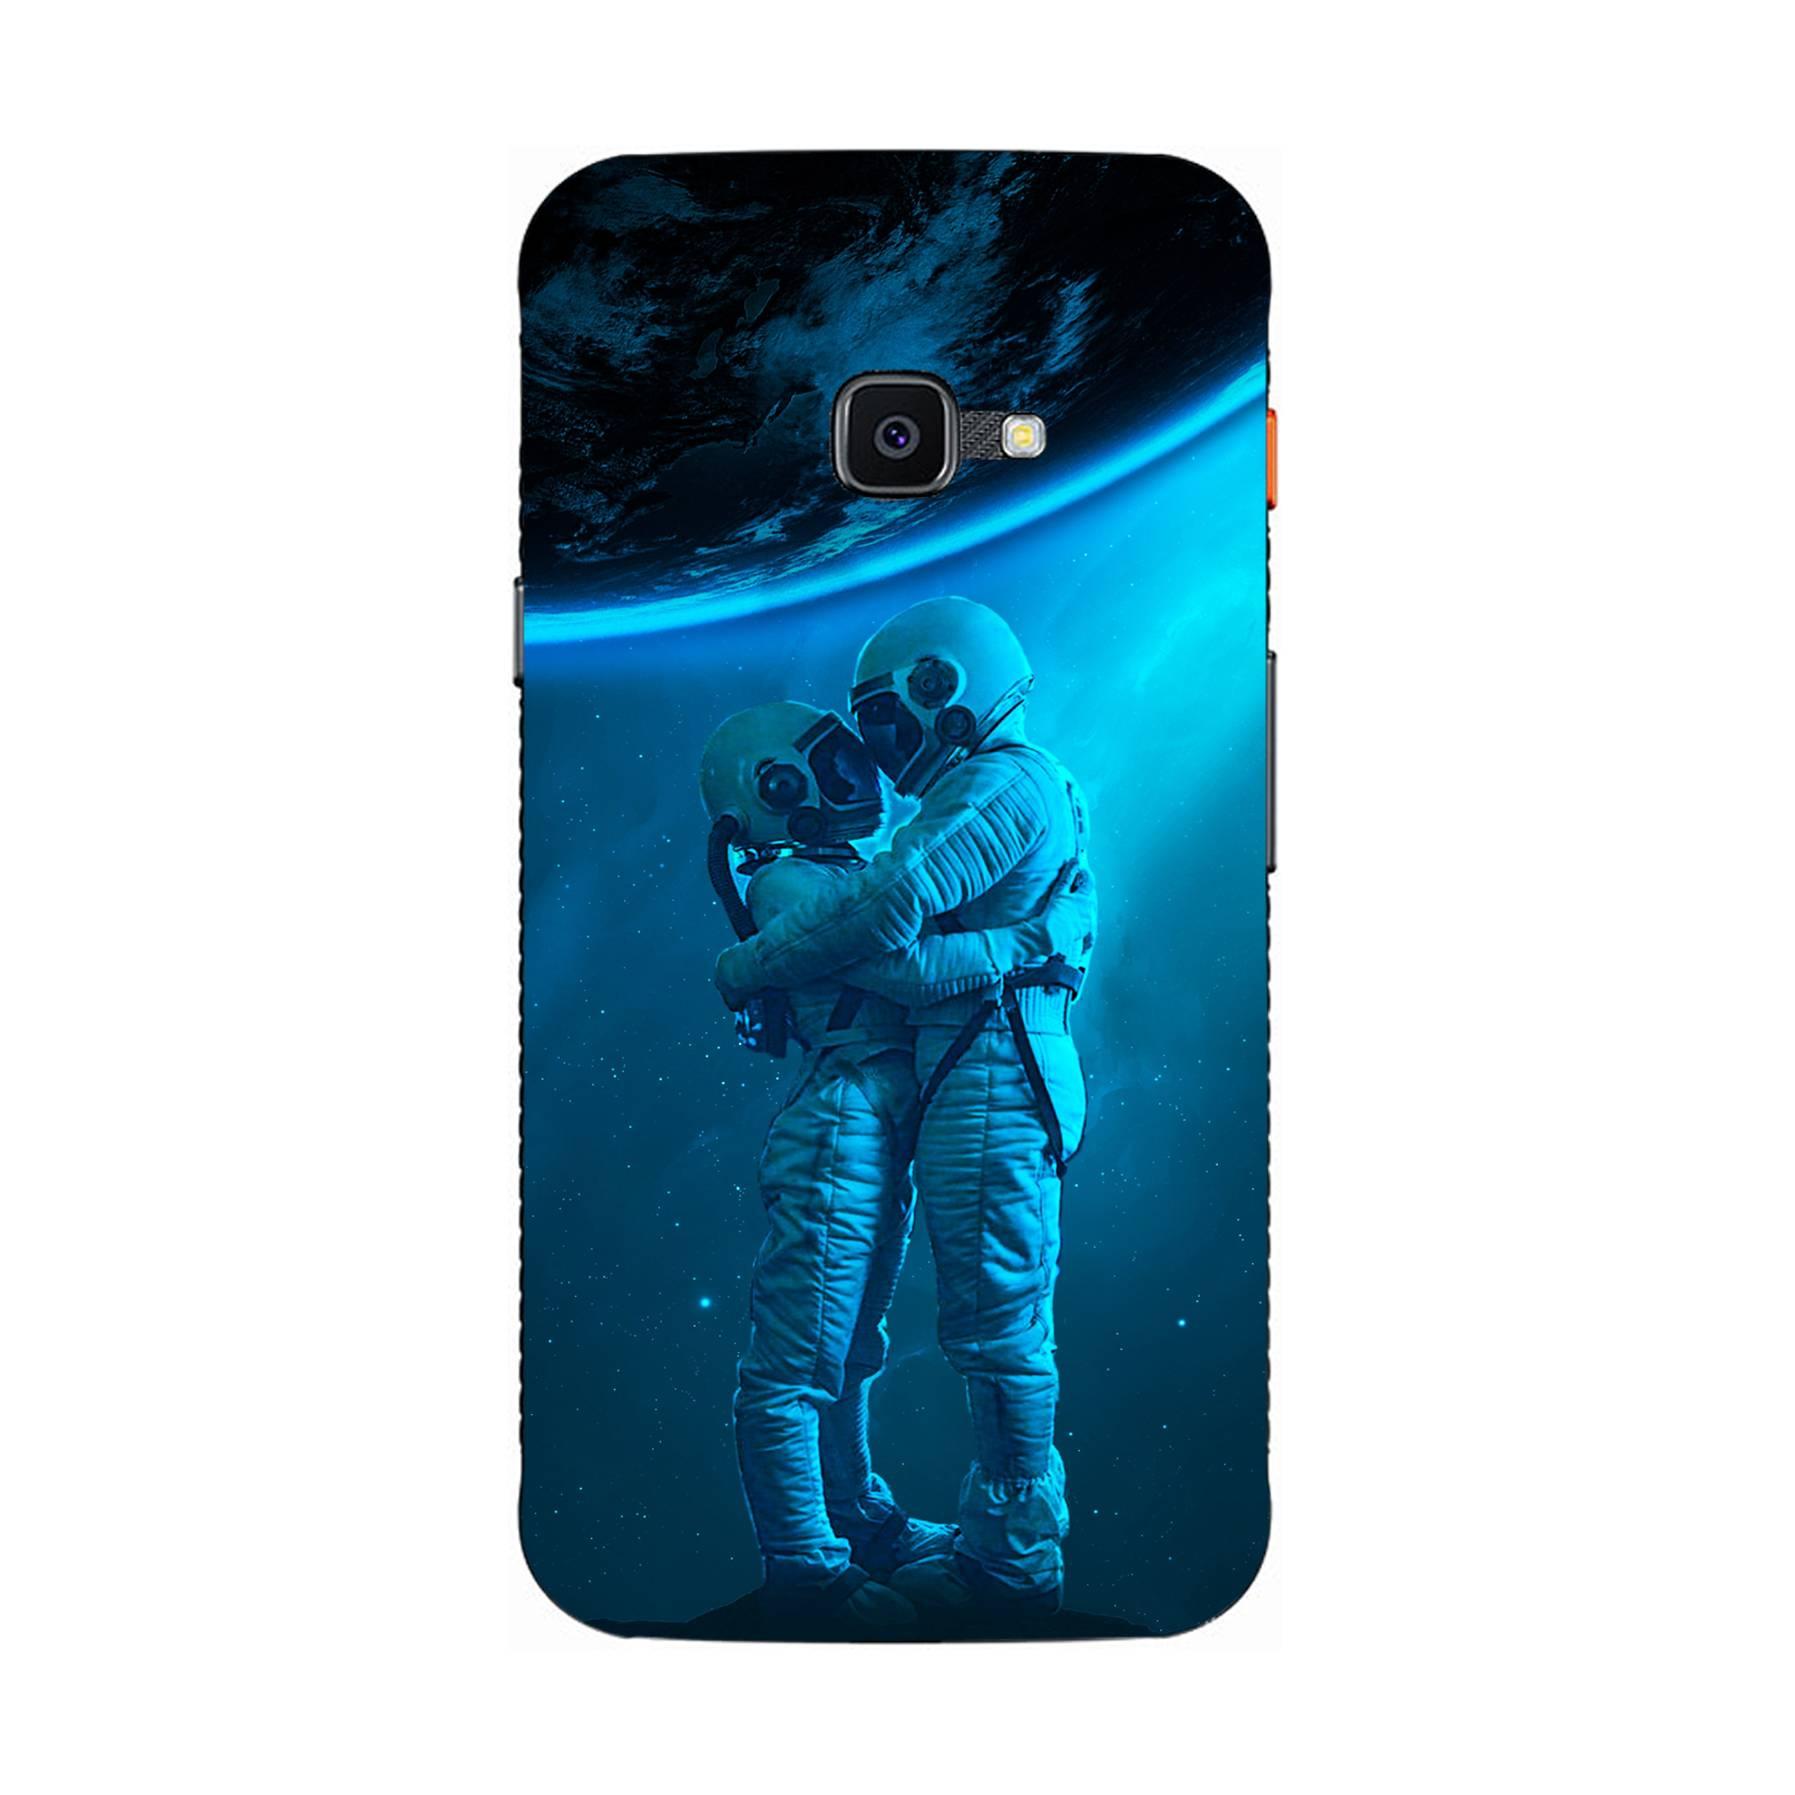 E-pic szilikon védő tok / hátlap - Szerelmes űrhajós pár mintás - SAMSUNG  Galaxy Xcover 4s (SM-G398F)